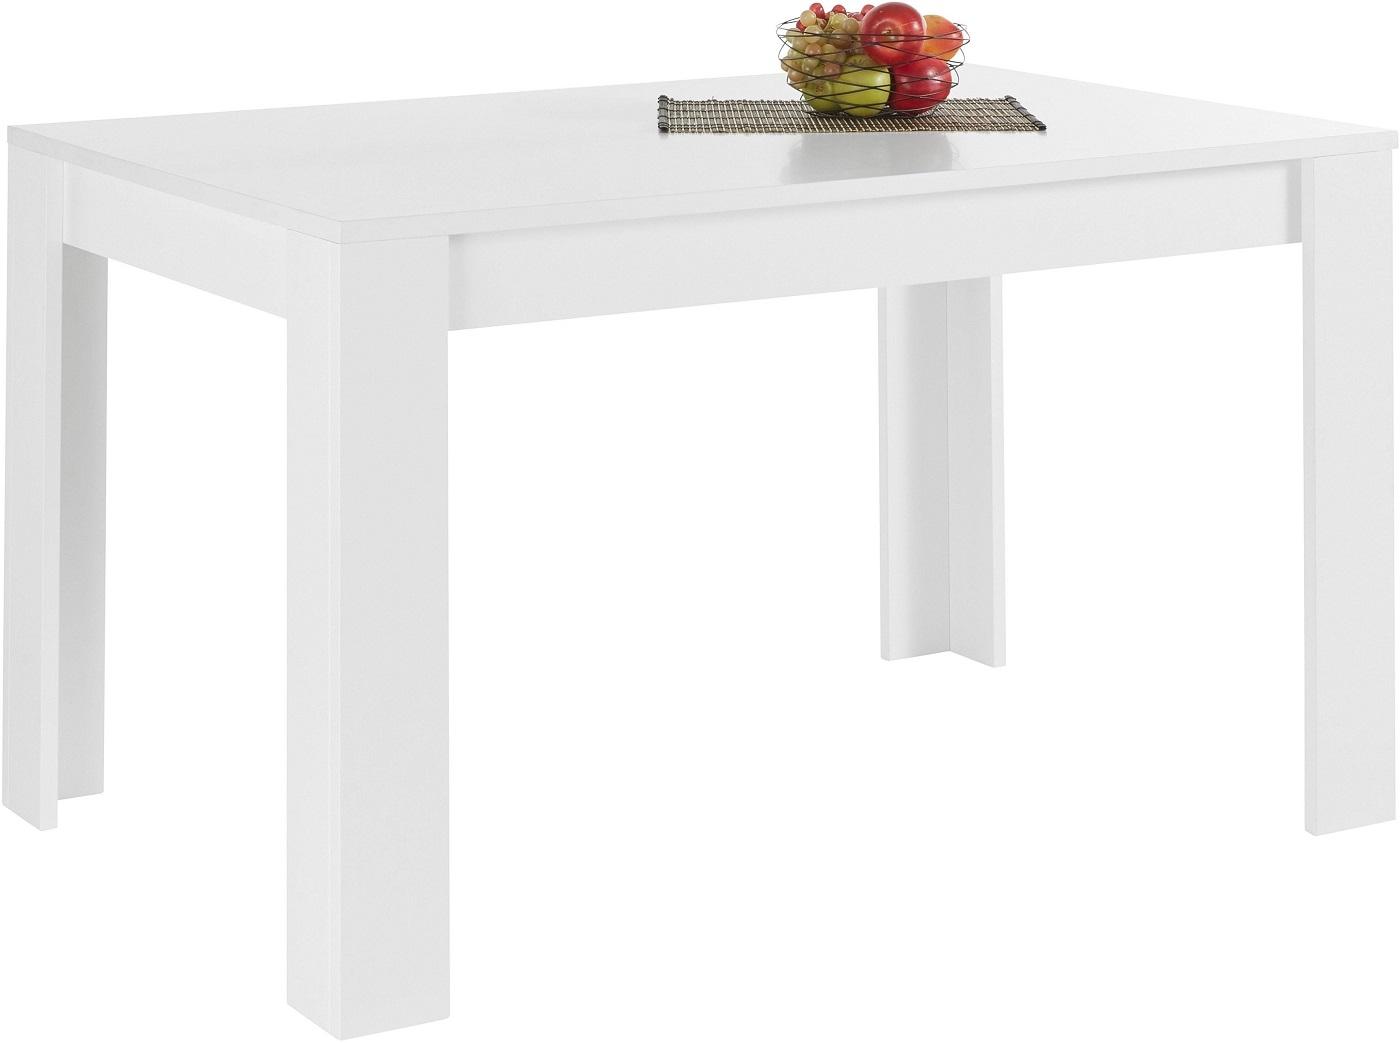 Uitschuifbare Eettafel Firenze 180 tot 228 cm breed in mat wit